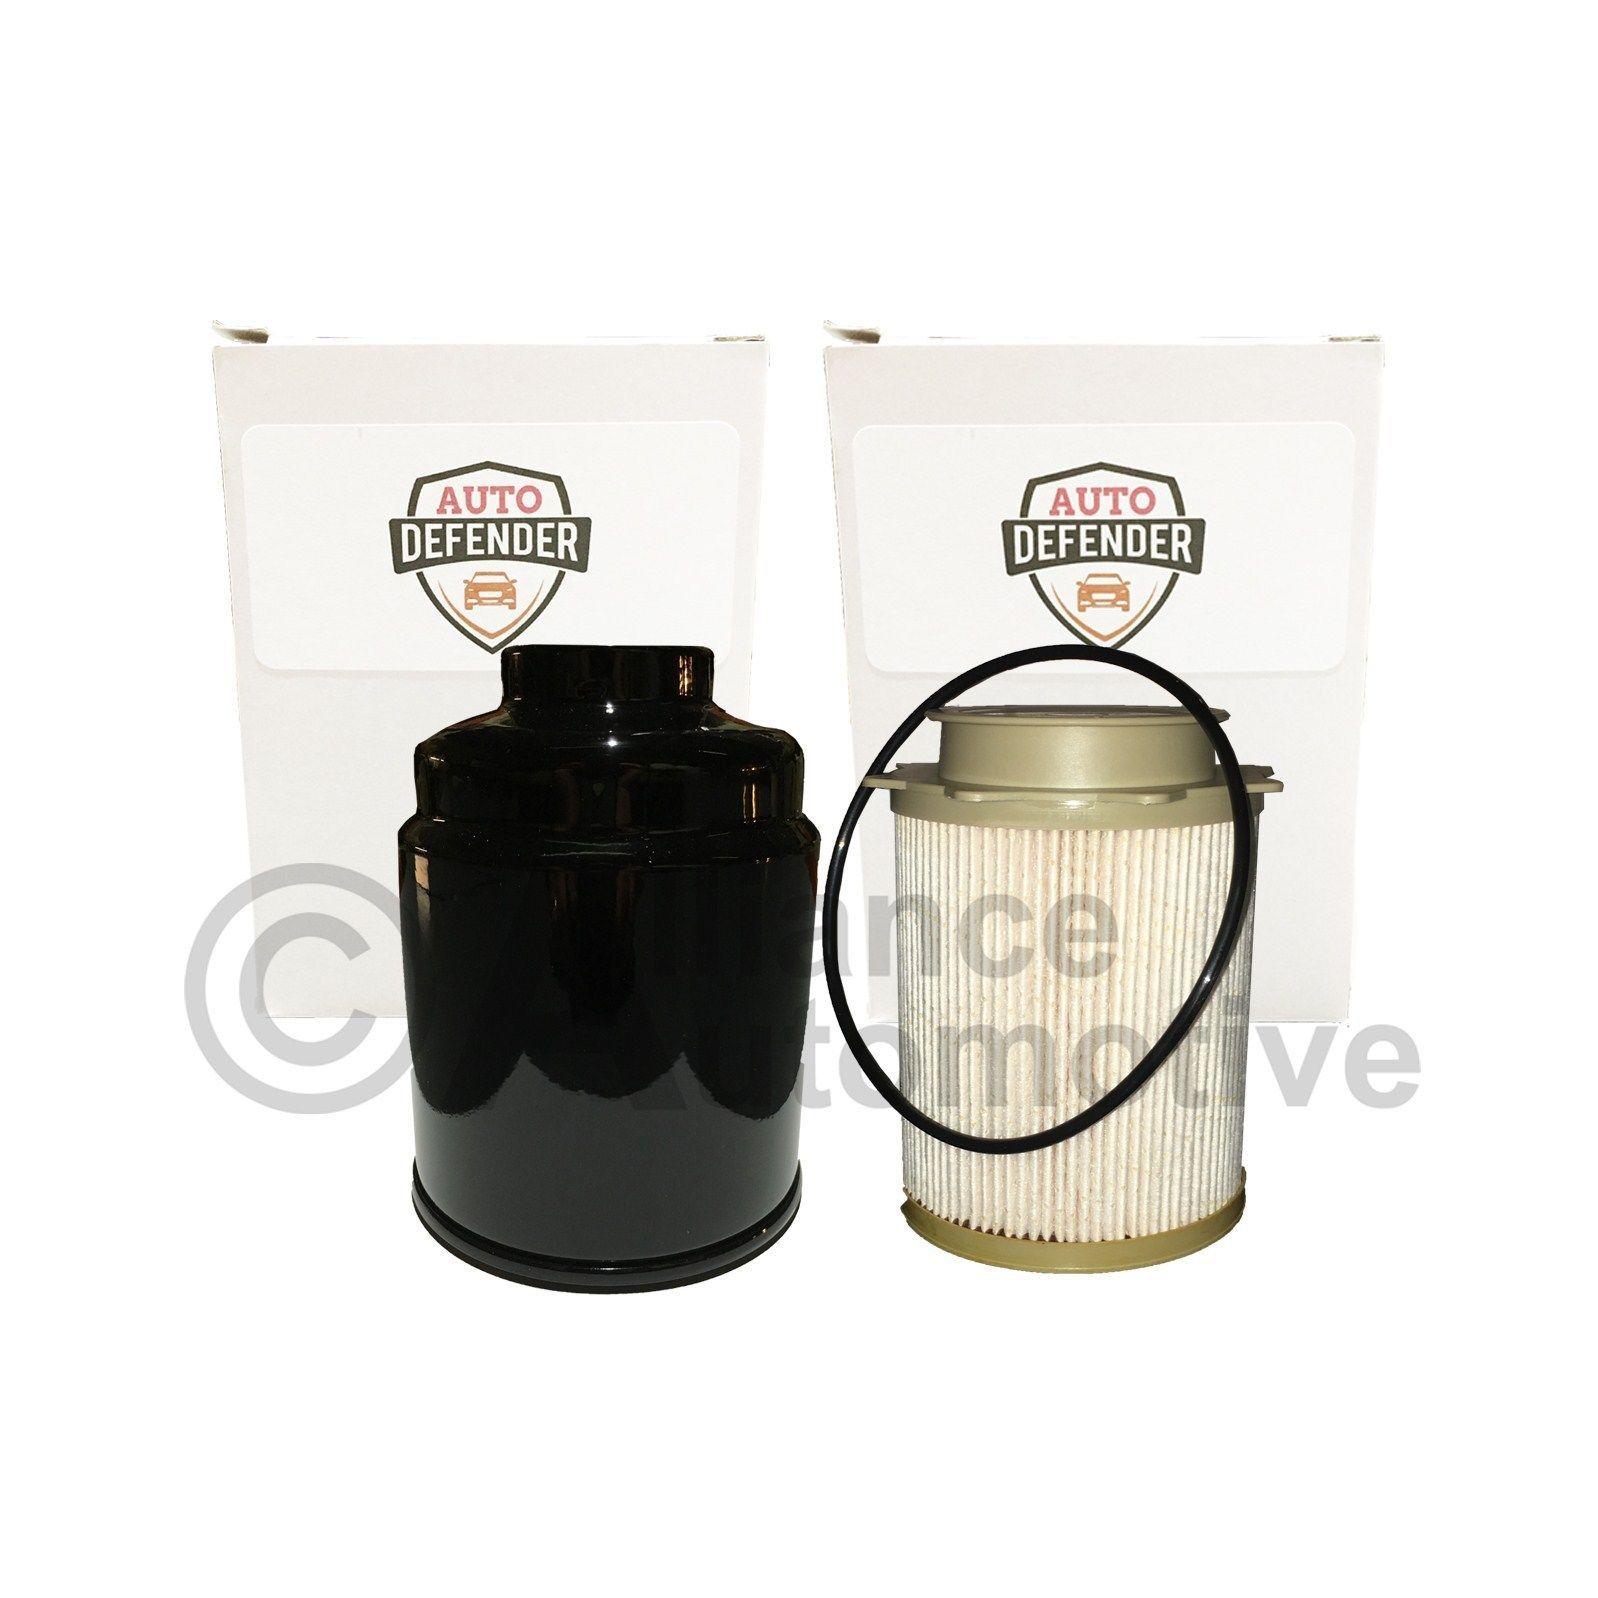 medium resolution of dodge ram 6 7l fuel filter kit for 2013 2016 cummins diesel front rear filter filter front rear diesel cummins fuel dodge